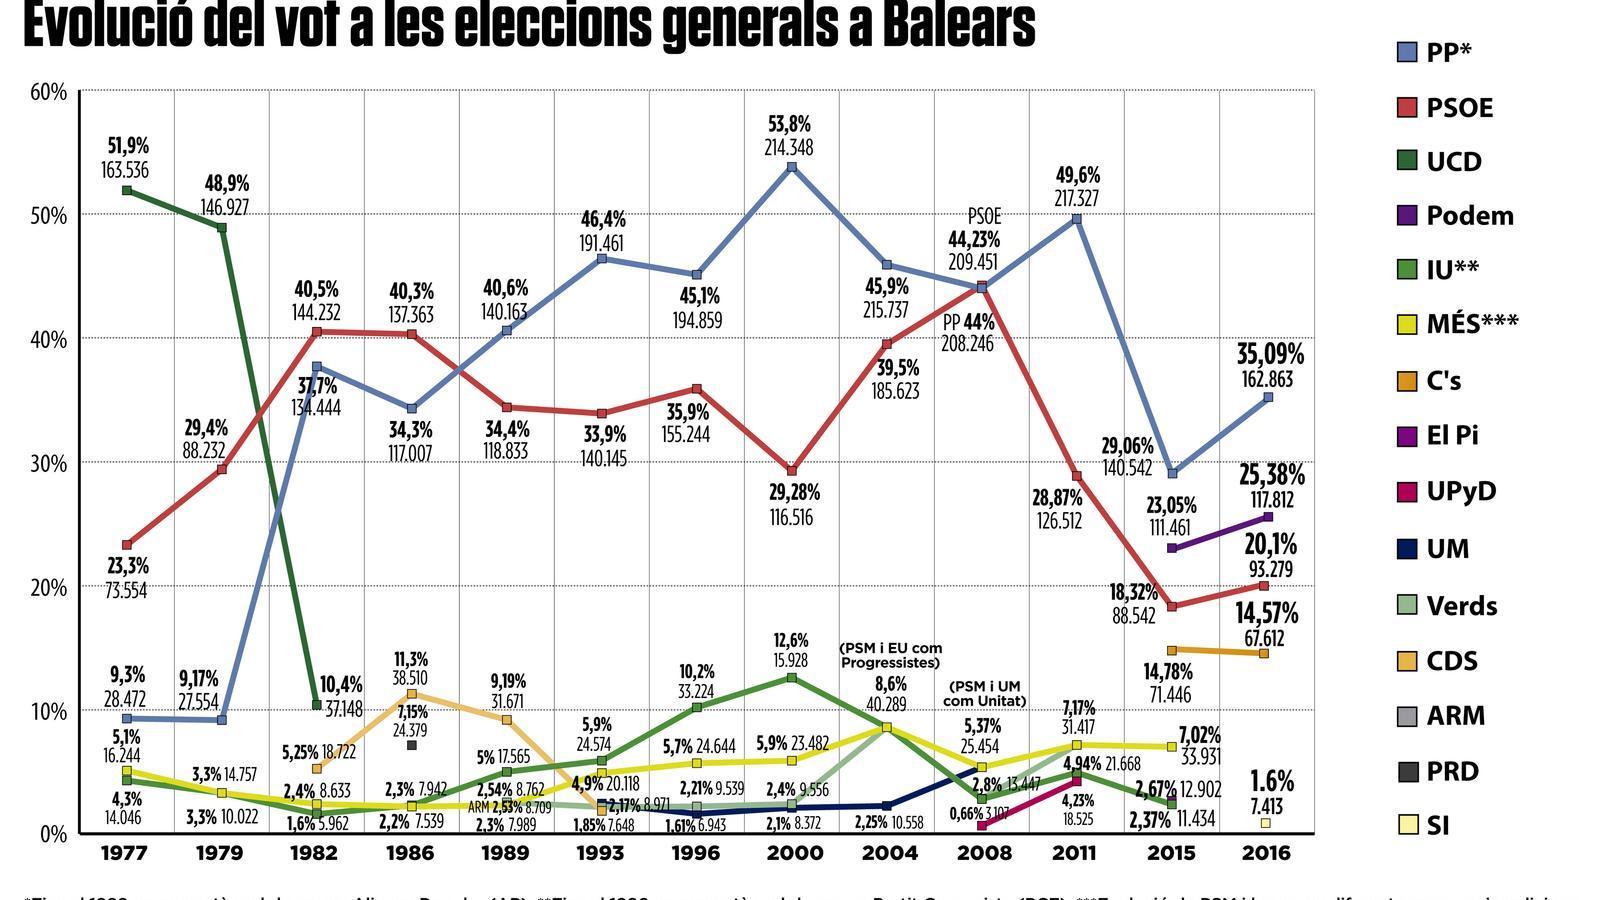 Evolució del vot a les eleccions generals a les Balears